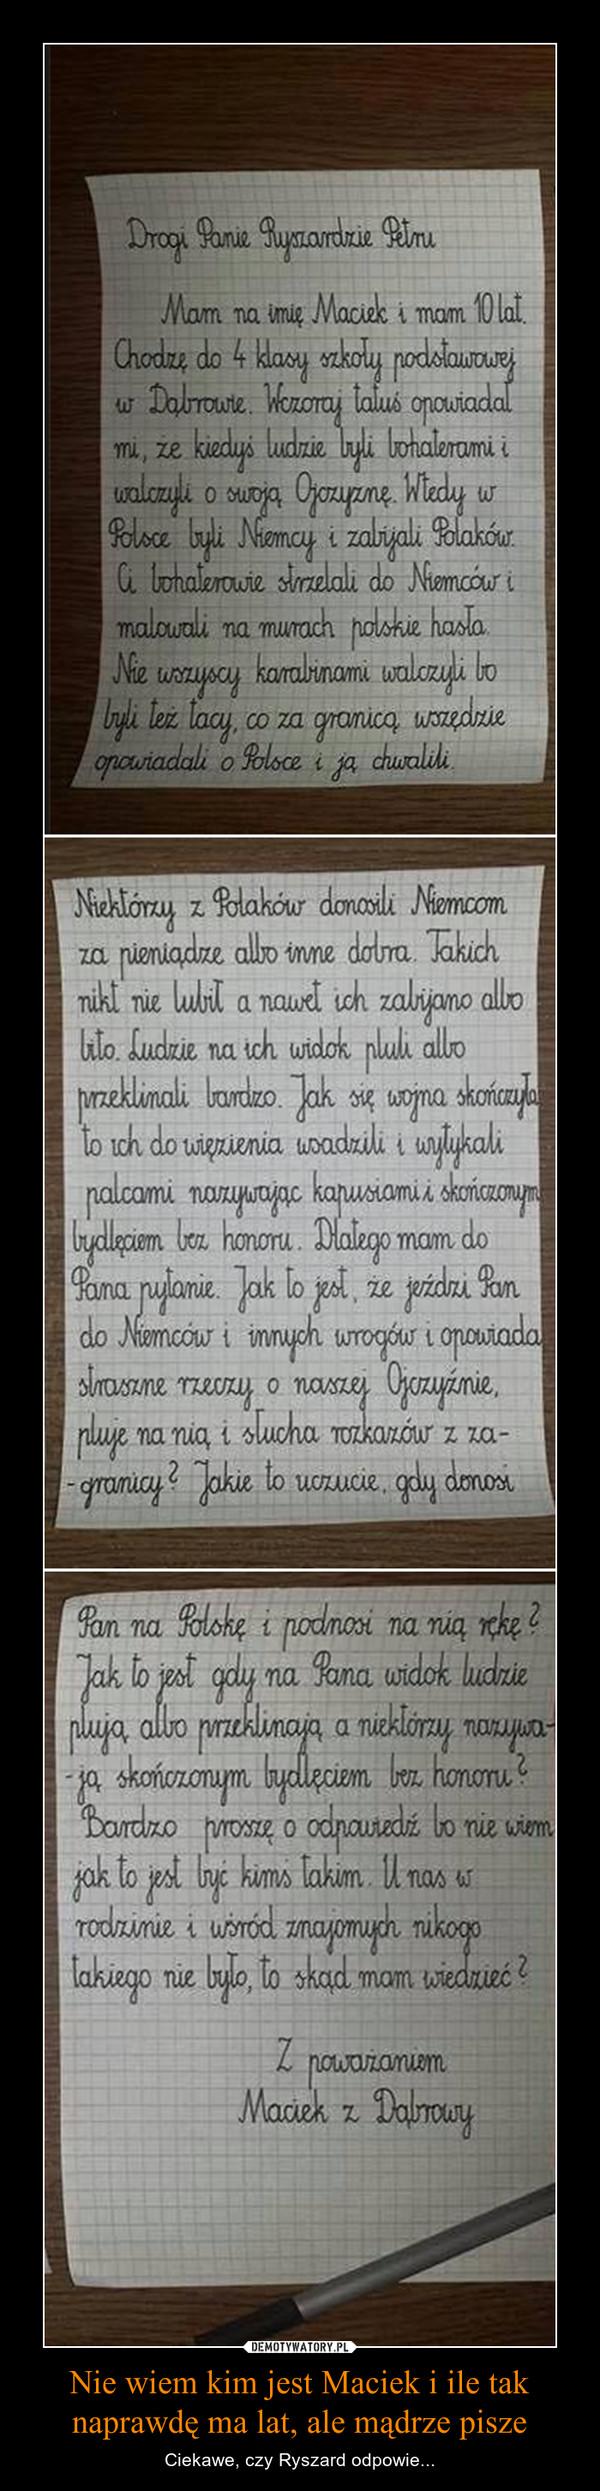 Nie wiem kim jest Maciek i ile tak naprawdę ma lat, ale mądrze pisze – Ciekawe, czy Ryszard odpowie...